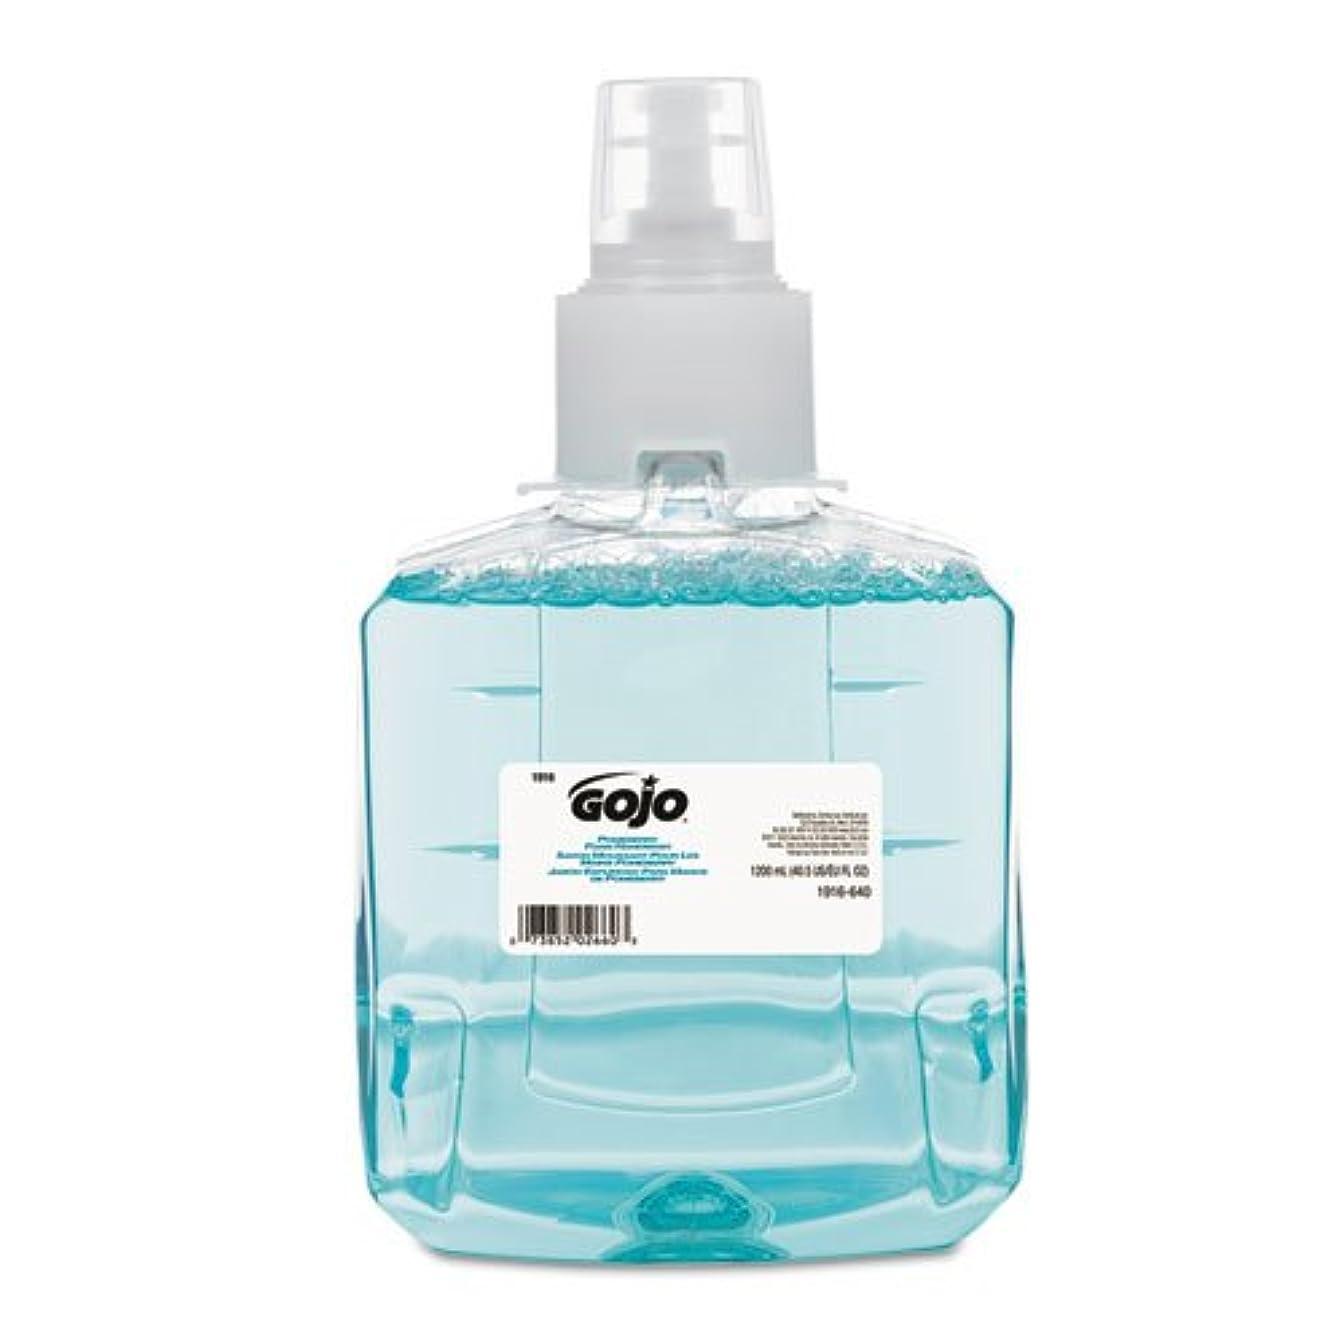 動機付ける敬の念チップgo-jo Industries 191602 CT Pomeberry泡手洗いリフィル、ザクロ、1200 ml詰め替え、2 /カートン